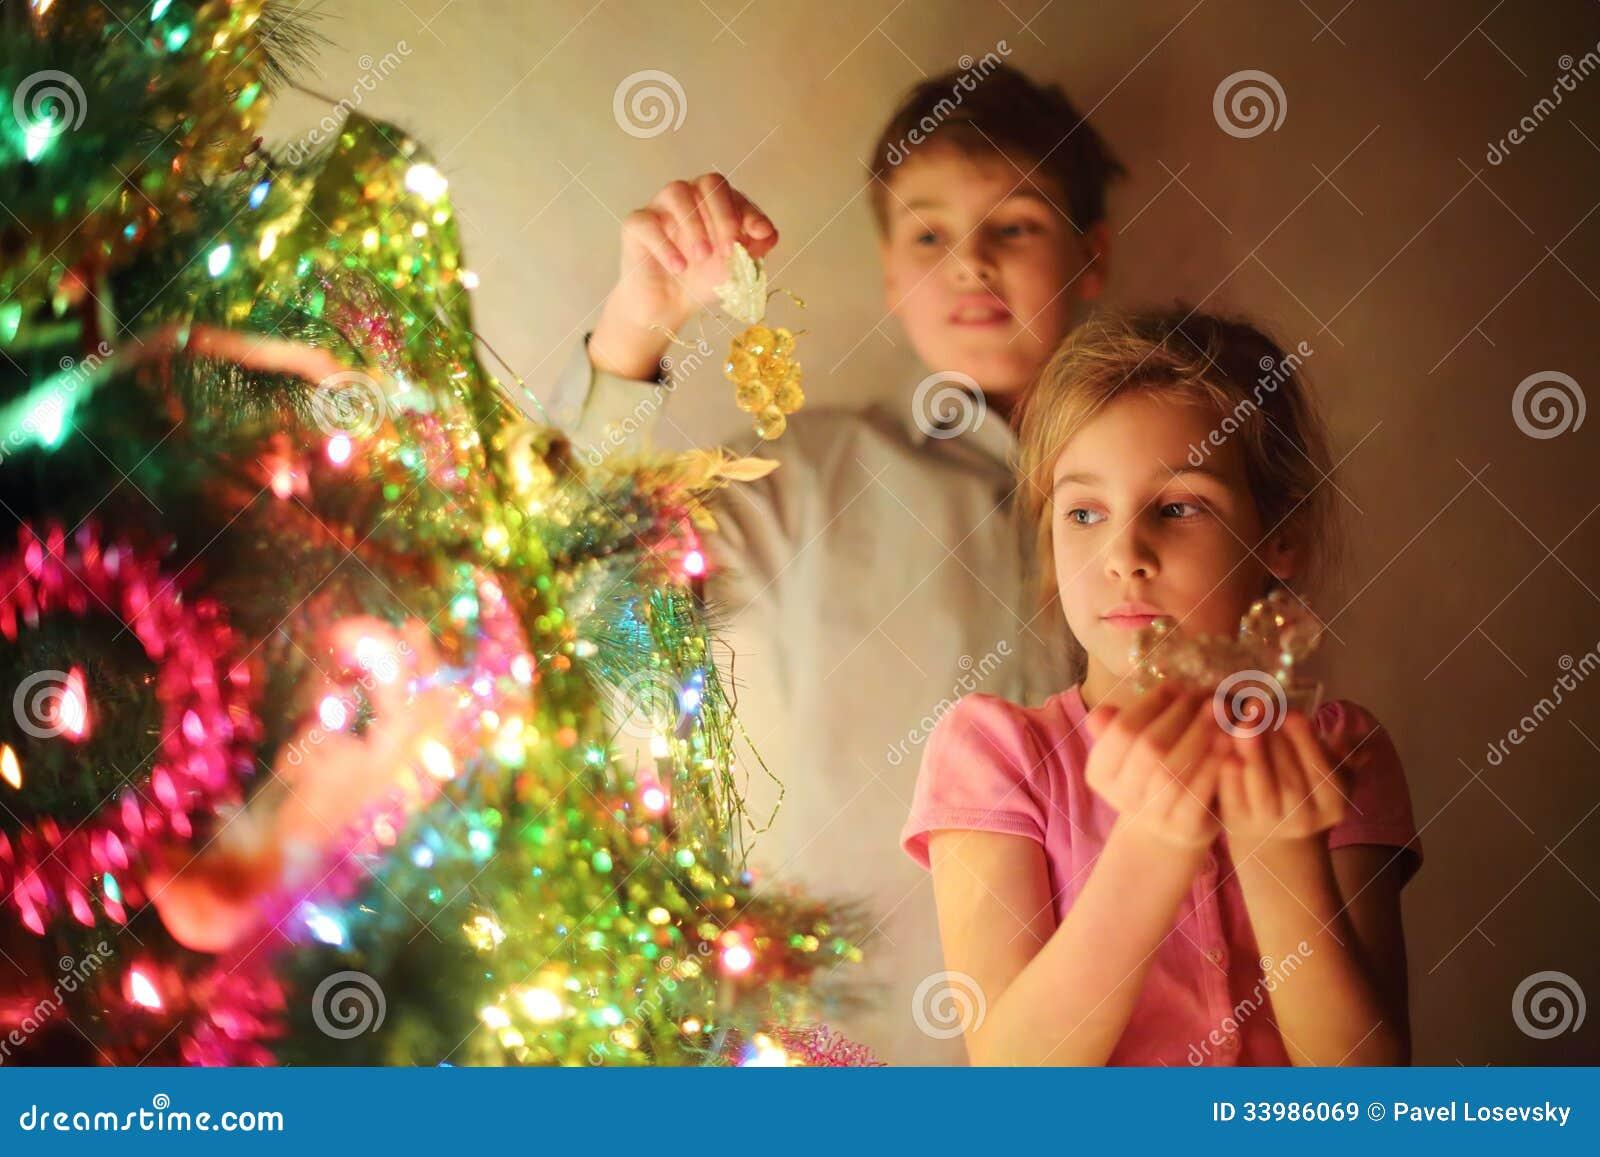 La ragazza ed il ragazzo hanno decorato l albero di Natale dai giocattoli di vetro alla sera.